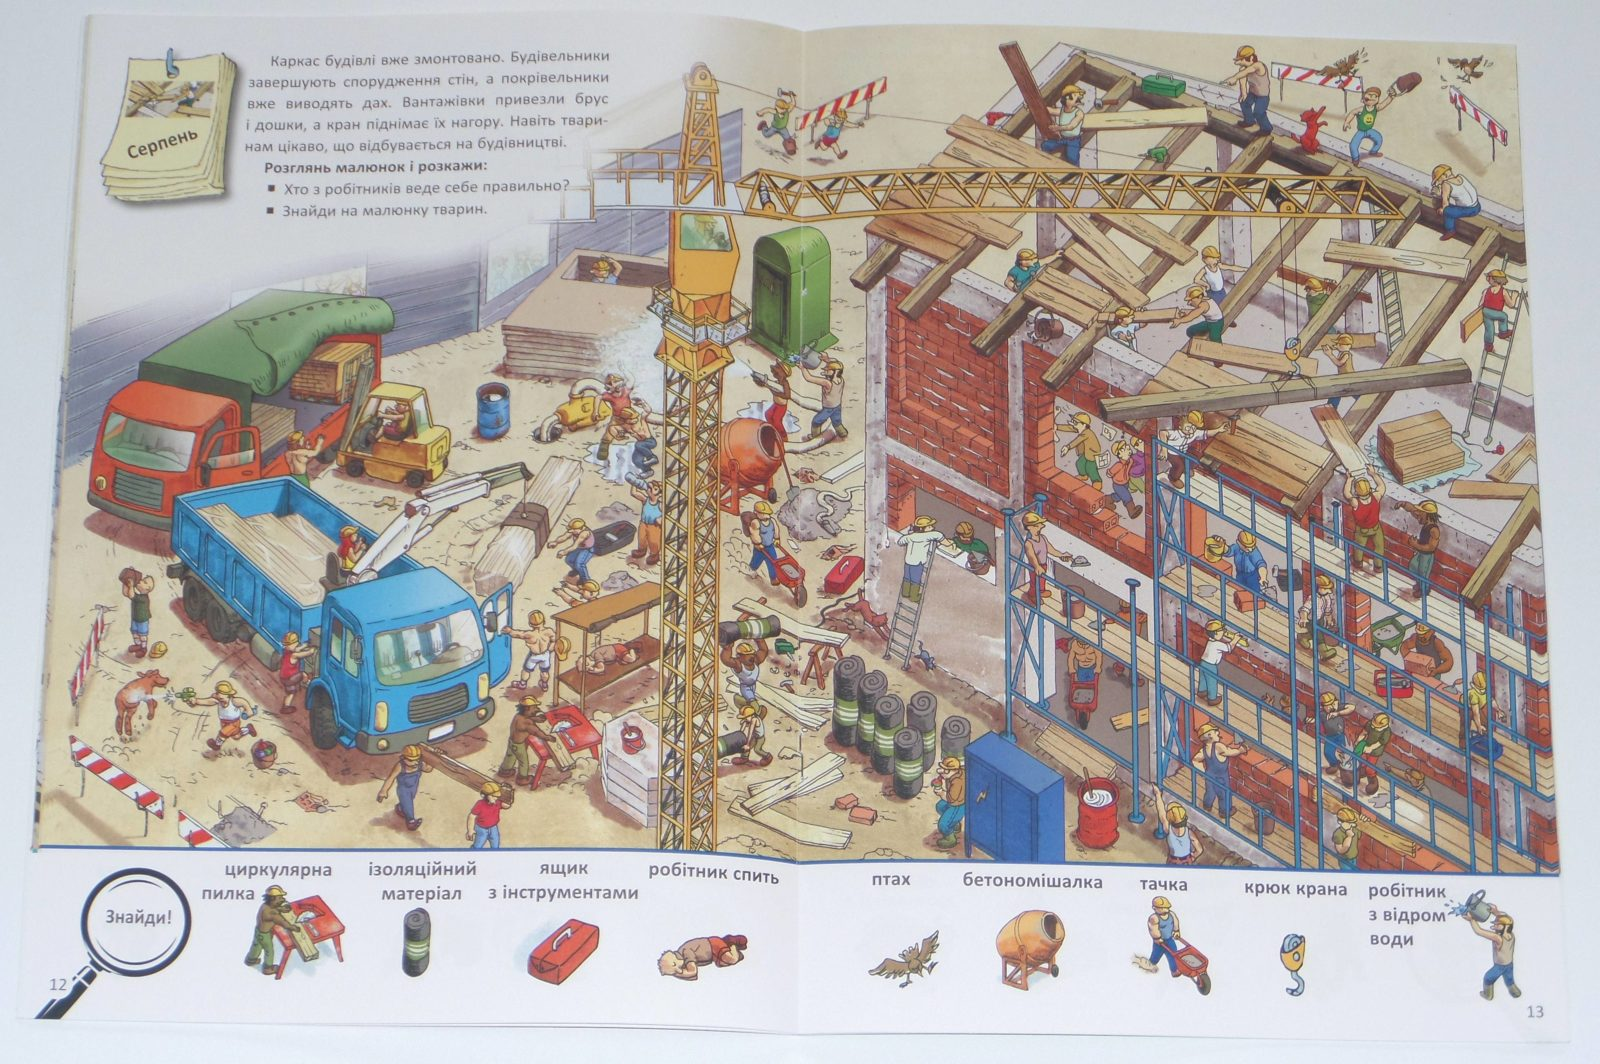 Машини та механізми